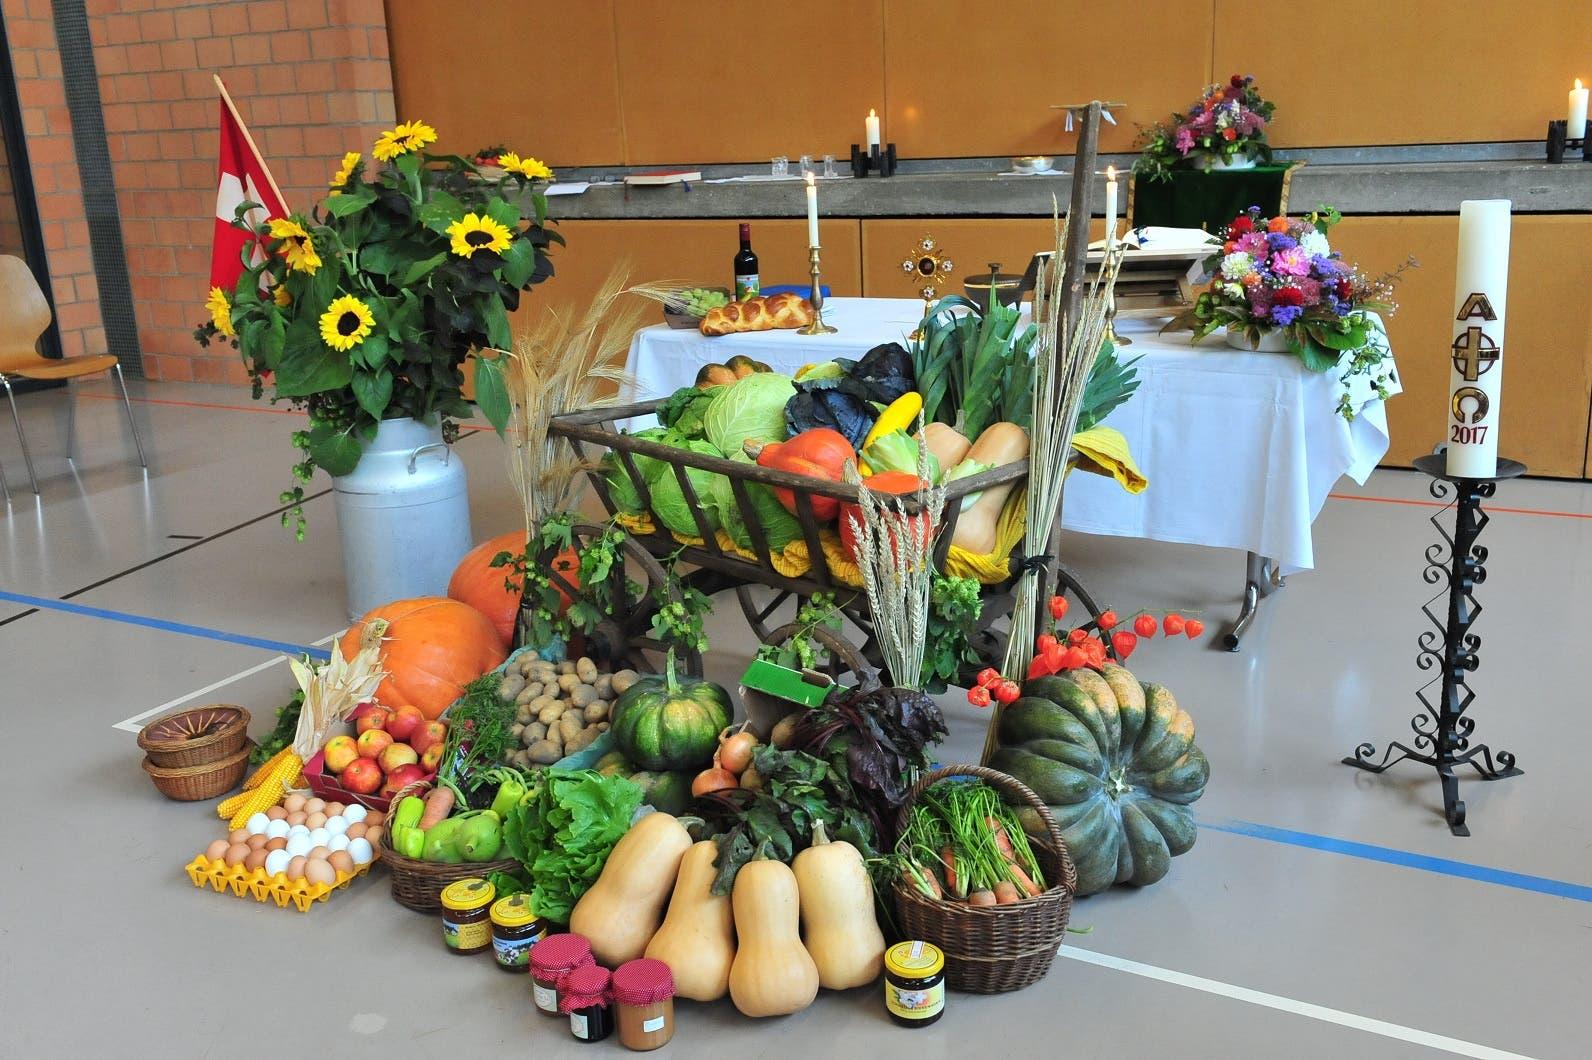 Reicher Gabentisch Die Landfrauen hatten unter der Woche die Spenden gesammelt und in der Kirche schön präsentiert. Dieses Jahr gehen die Naturalien wieder an das Schulheim St. Johann in Klingnau.